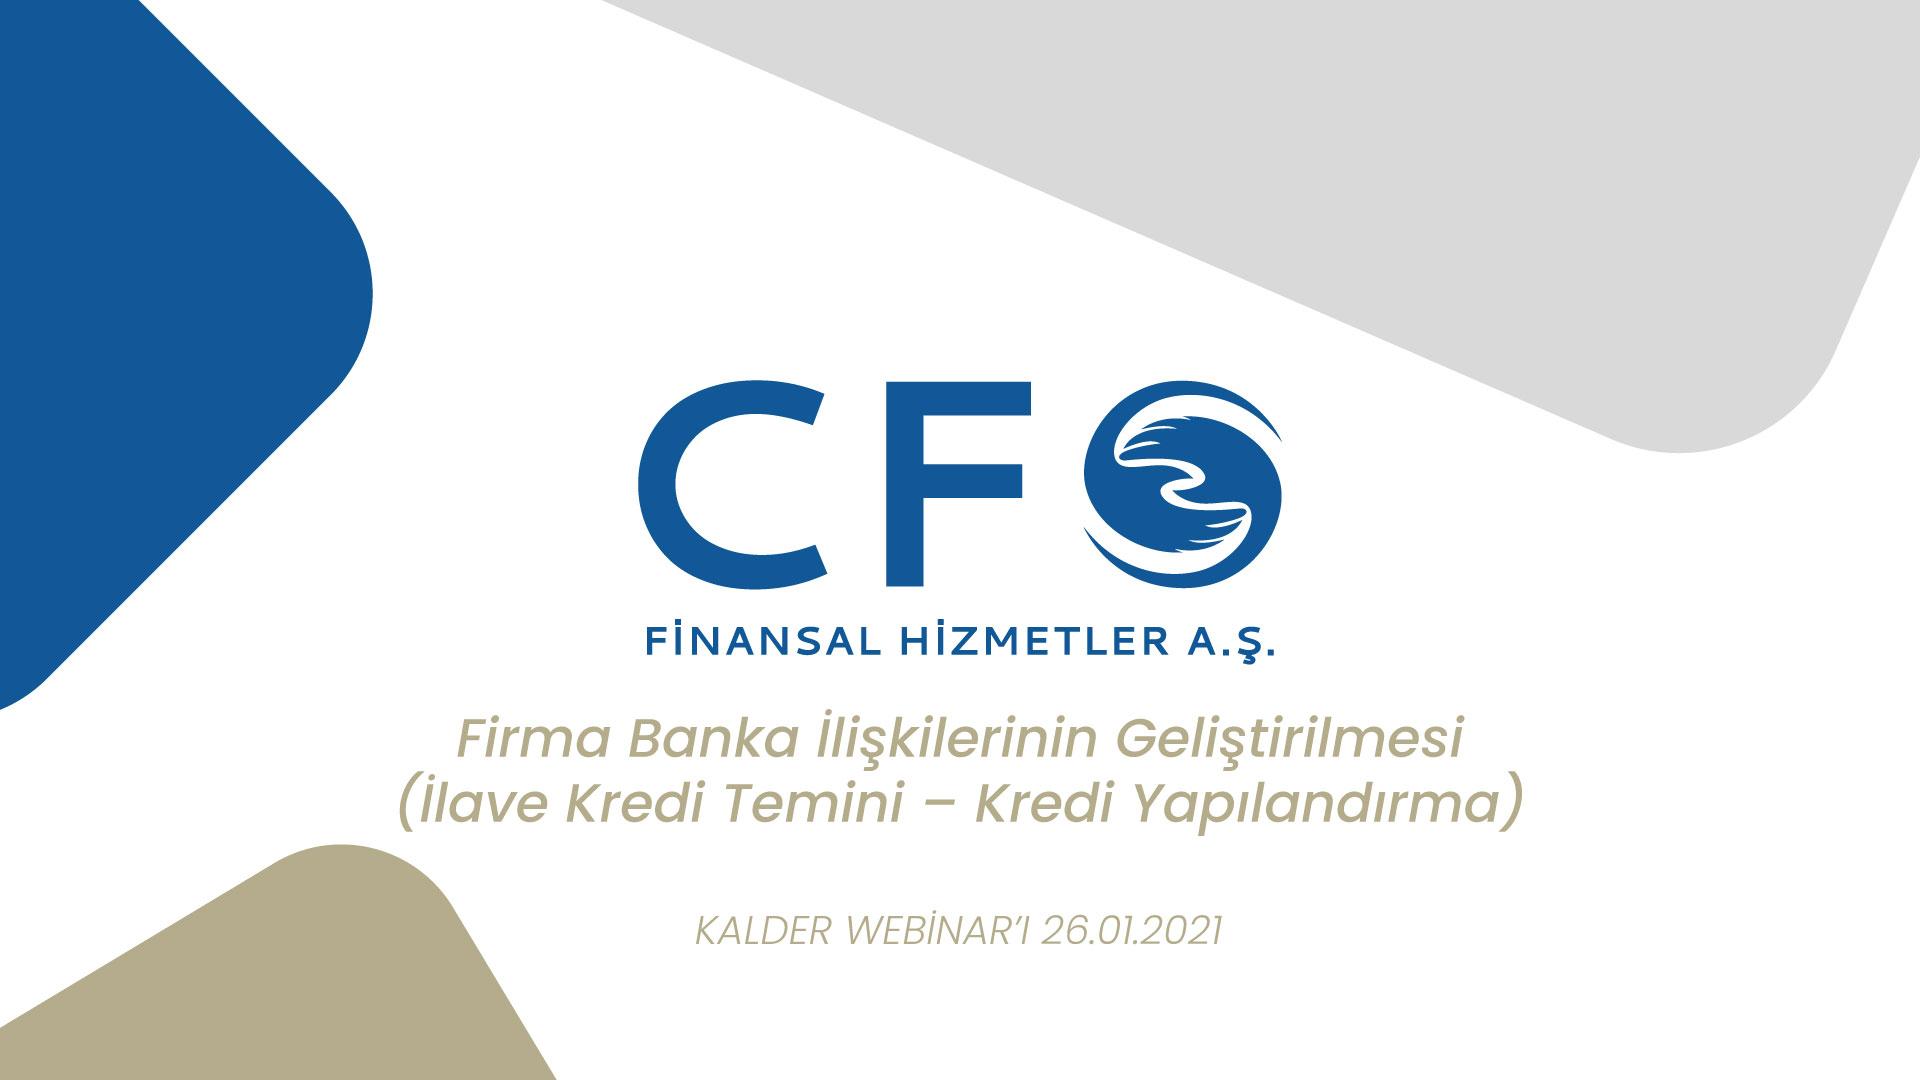 Firma Banka İlişkilerinin Geliştirilmesi – (İlave Kredi Temini – Kredi Yapılandırma)